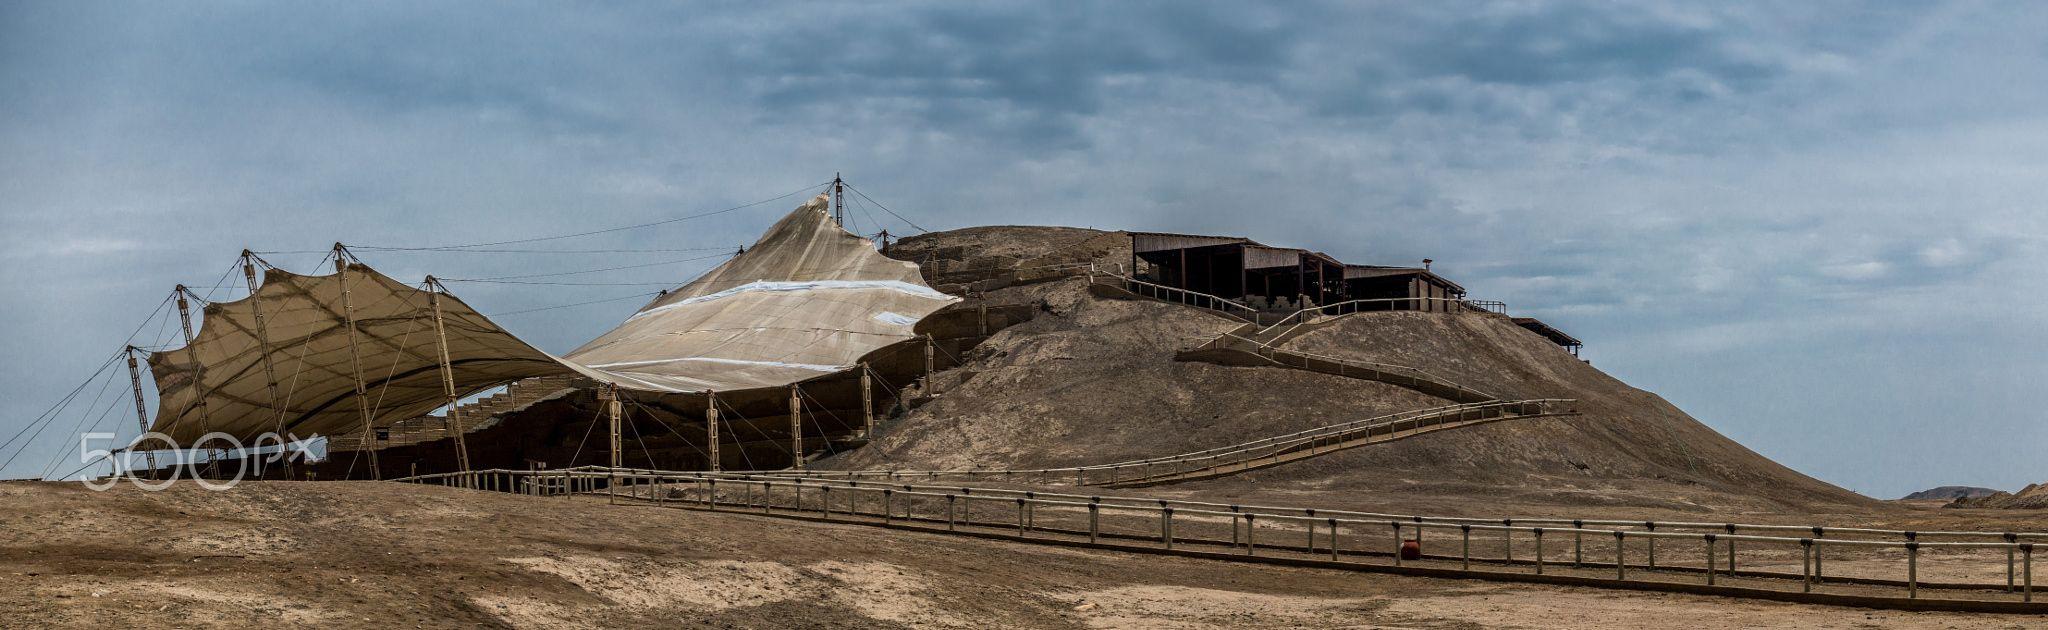 """El Brujo, Huaca Cao Viejo - The old pyramid or """"huaca"""" """"Cao Viejo"""" at """"El Brujo""""."""